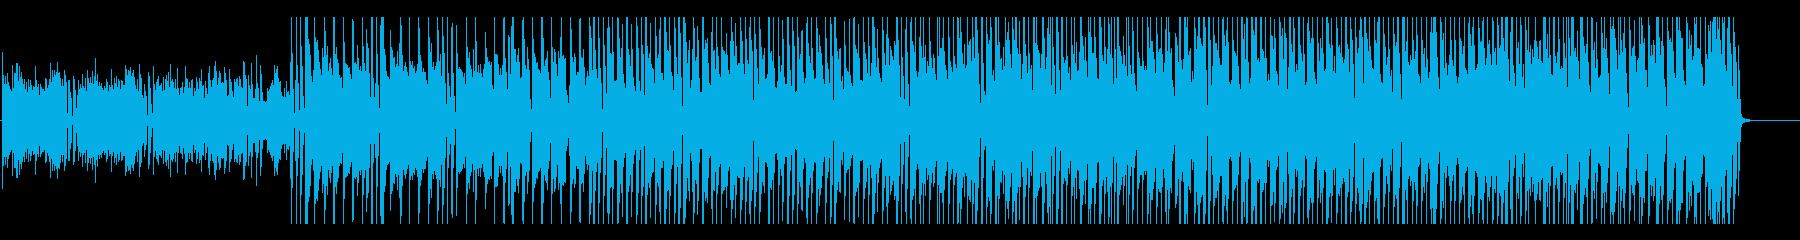 ノスタルジックなアメリカーナは昔か...の再生済みの波形